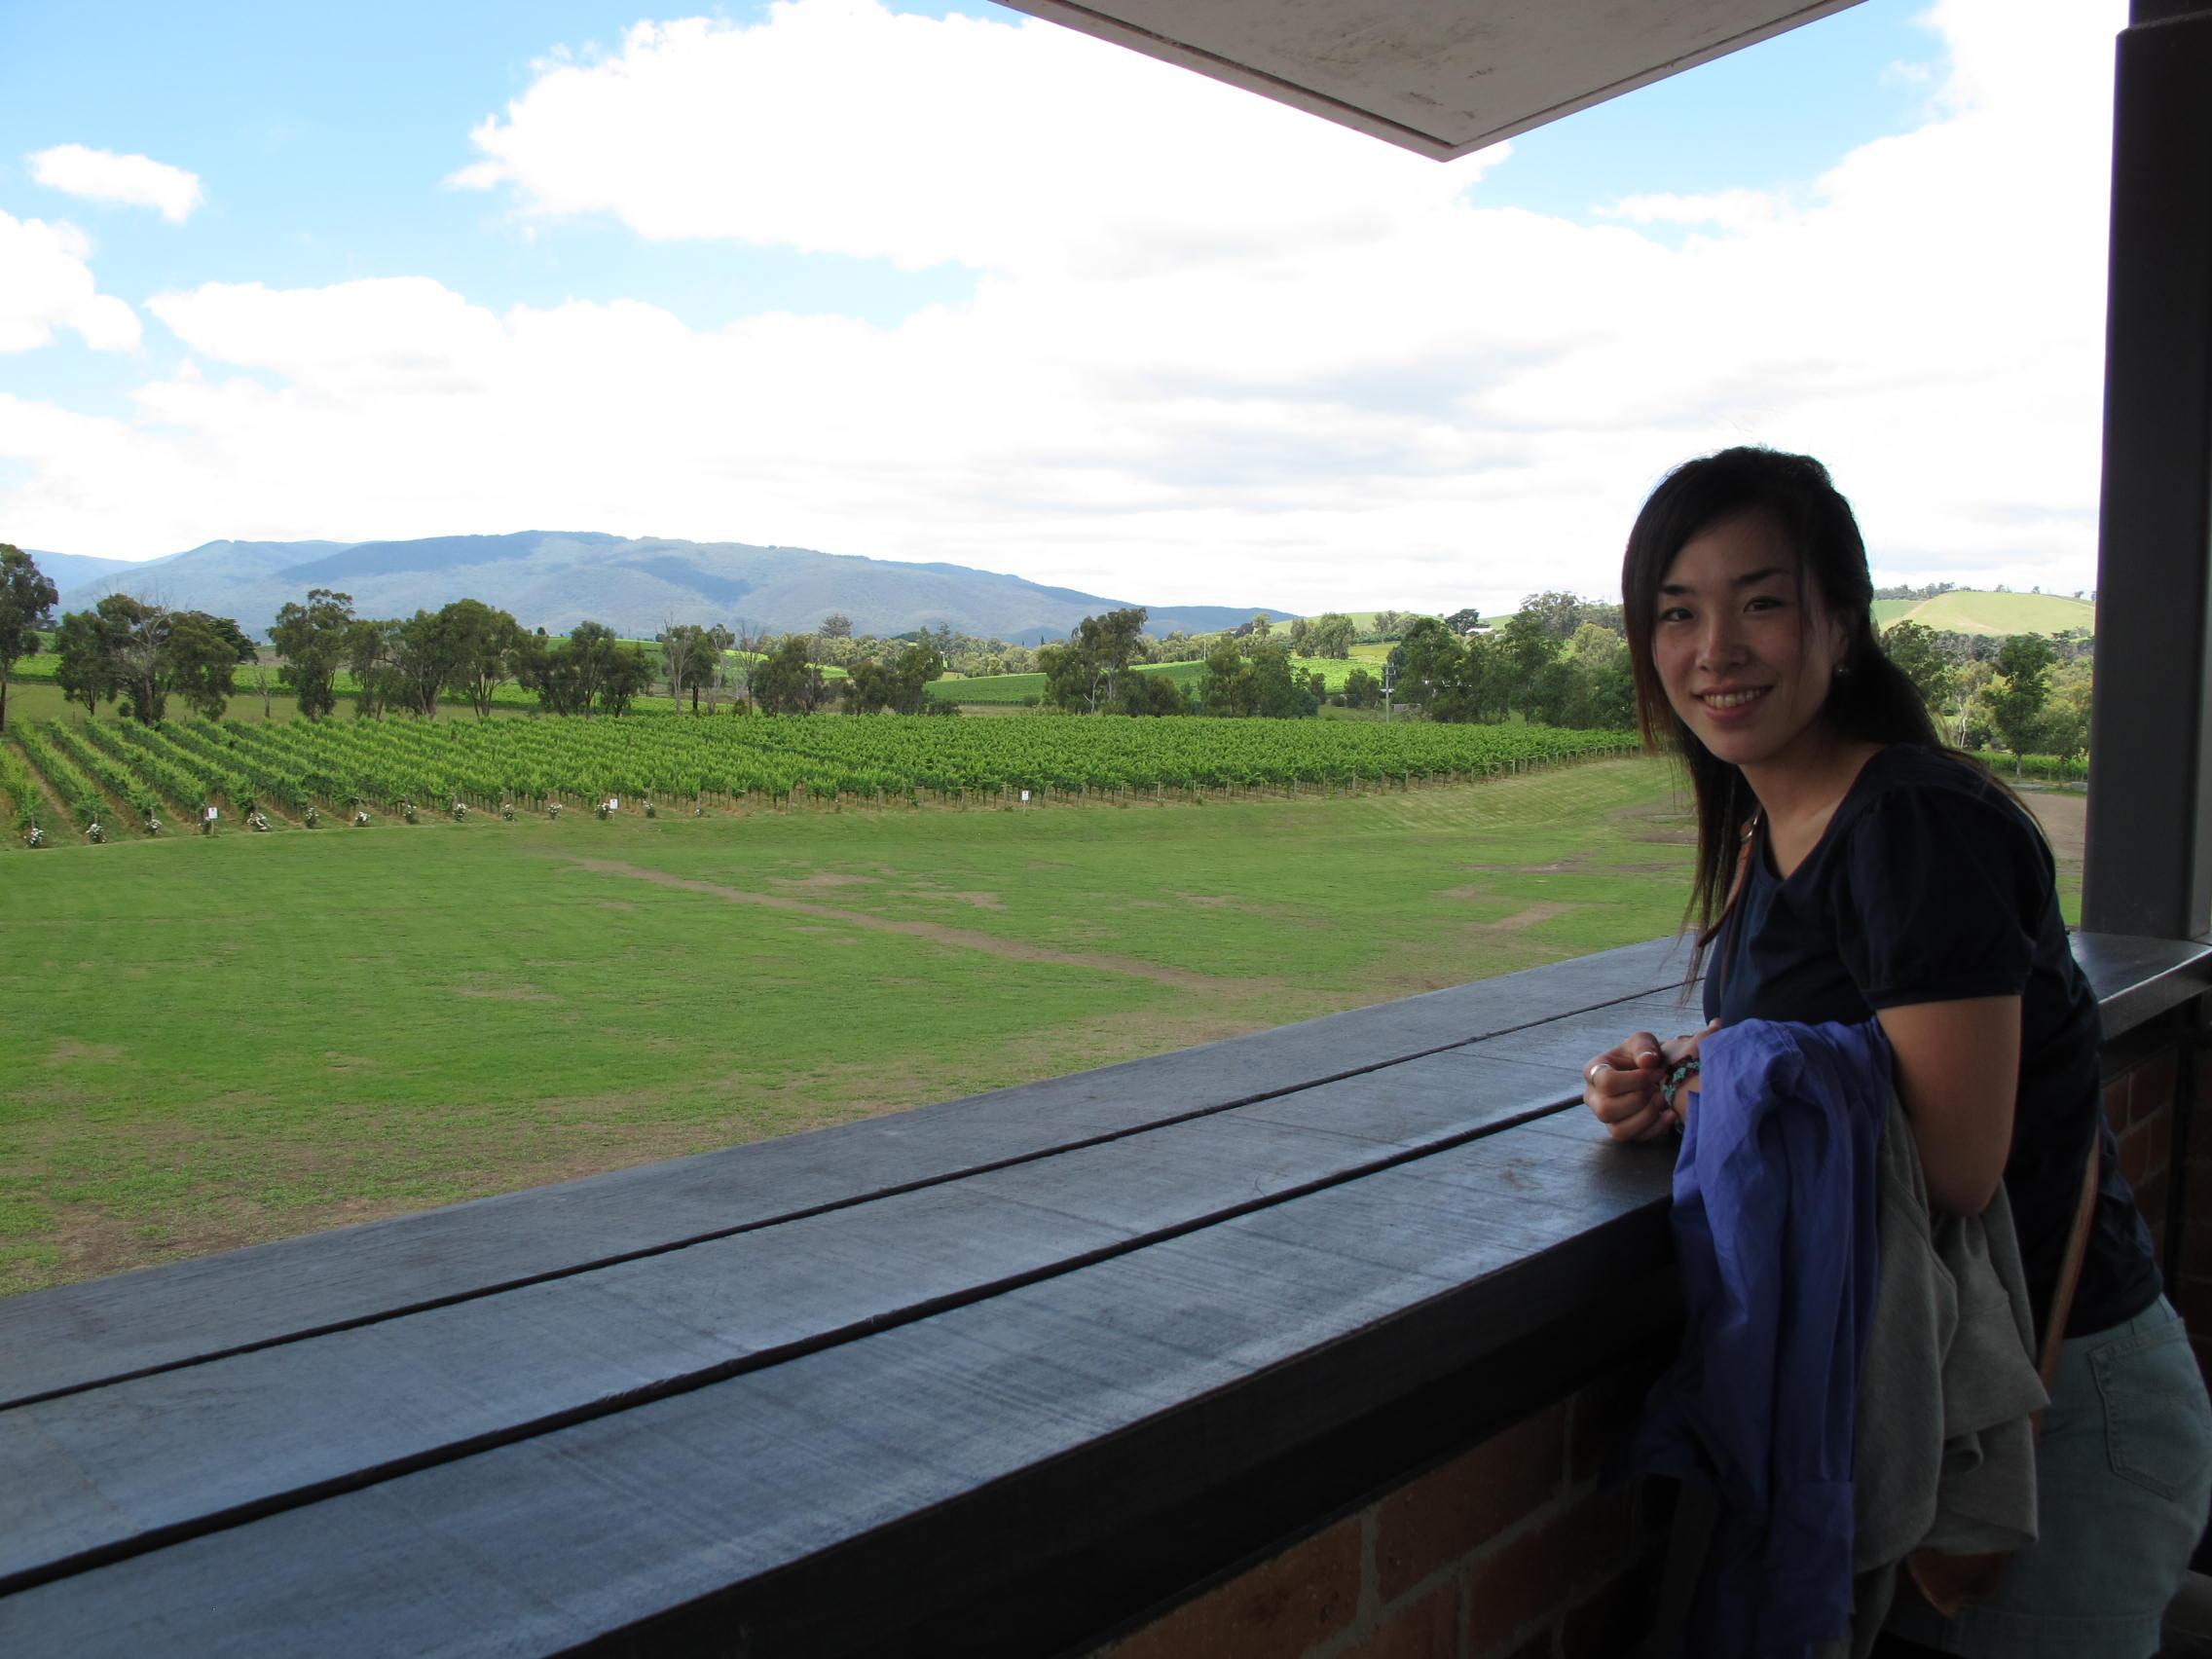 ワイン畑を背景にパチリ☆